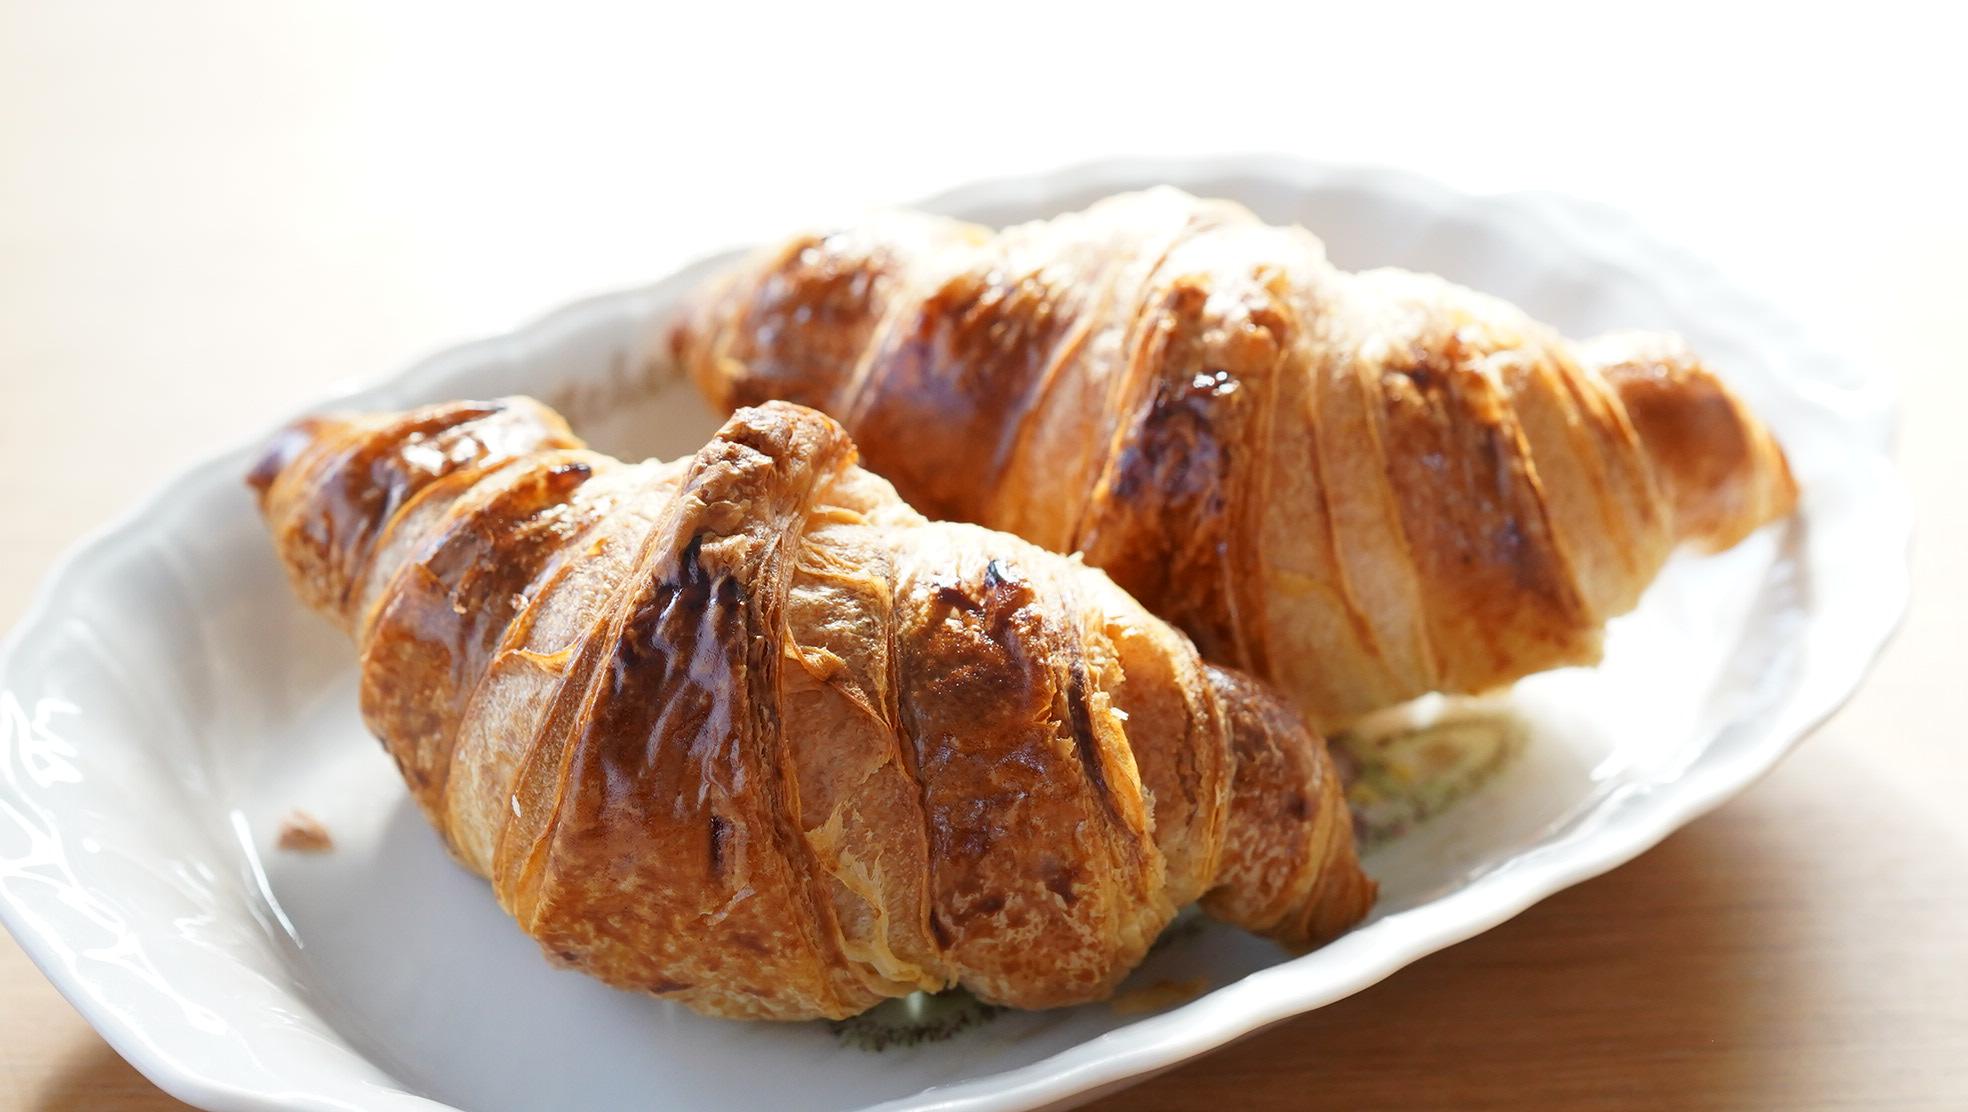 ピカールのおすすめ冷凍食品「ミニクロワッサン」の商品写真